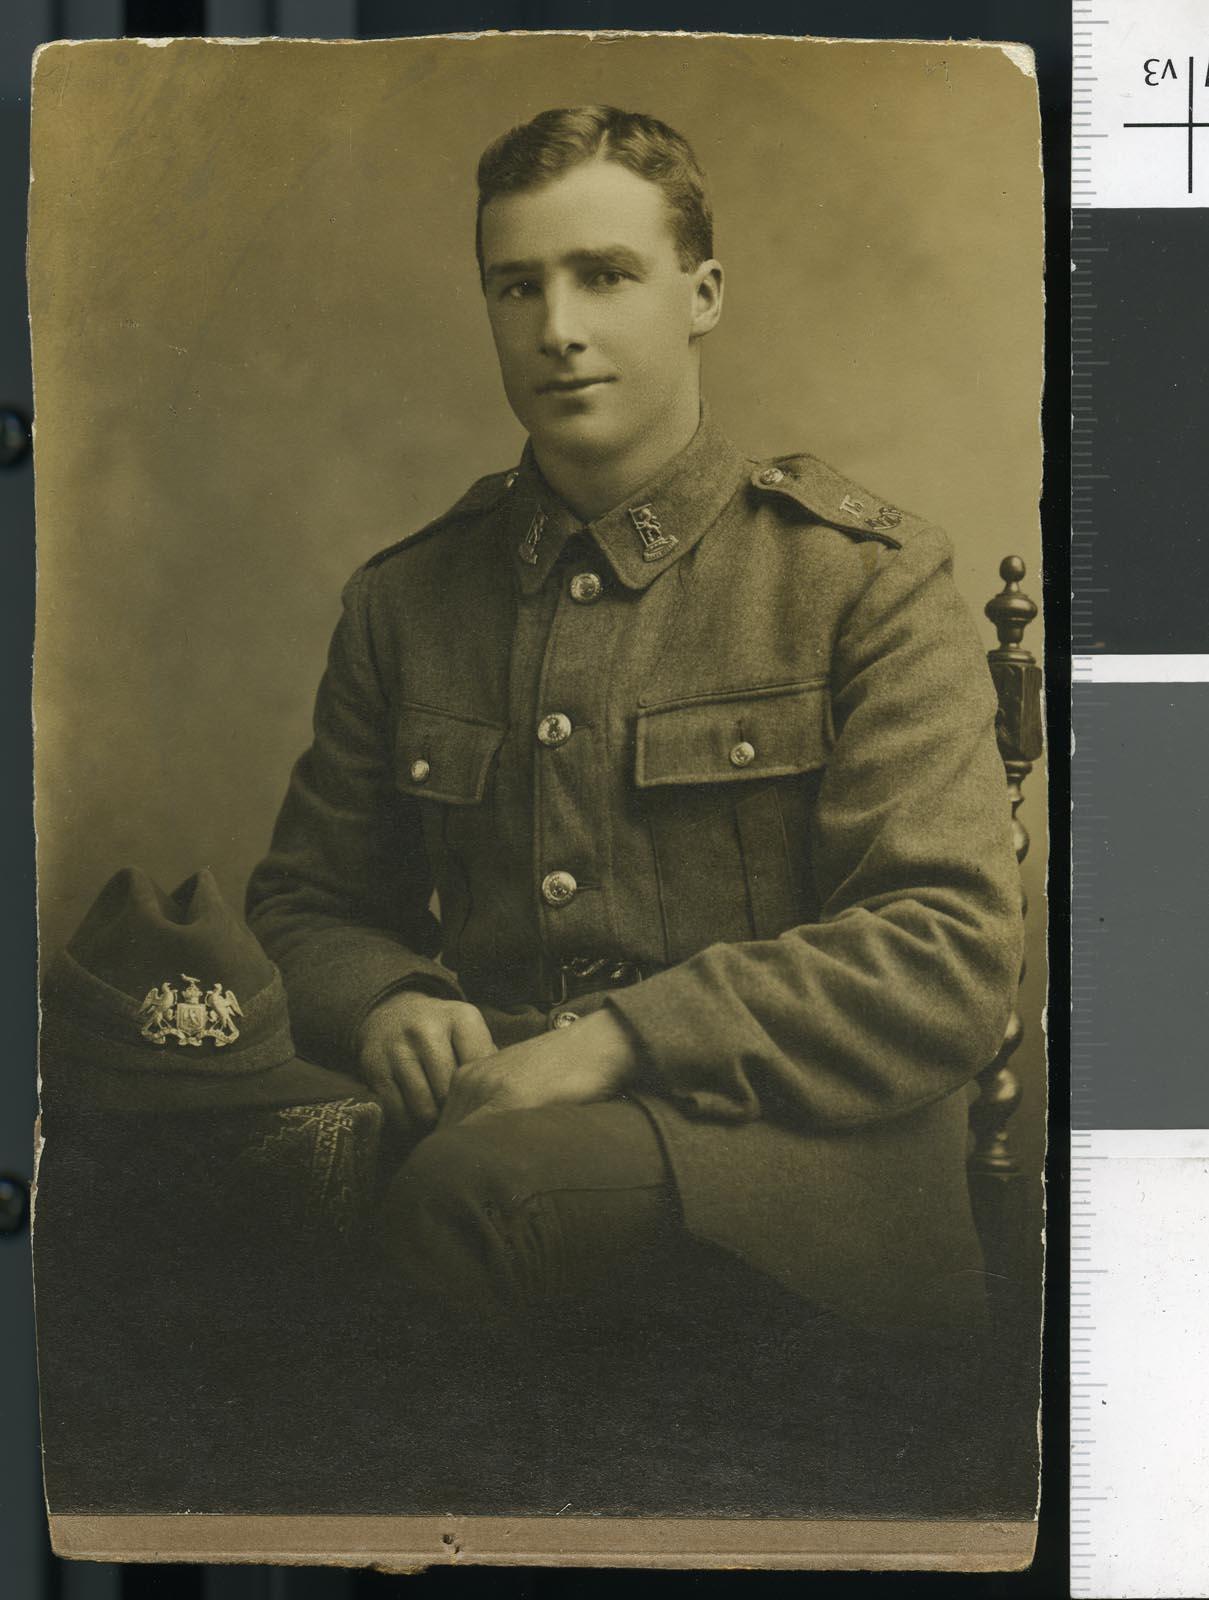 Silas George Ellery, circa 1916-1917